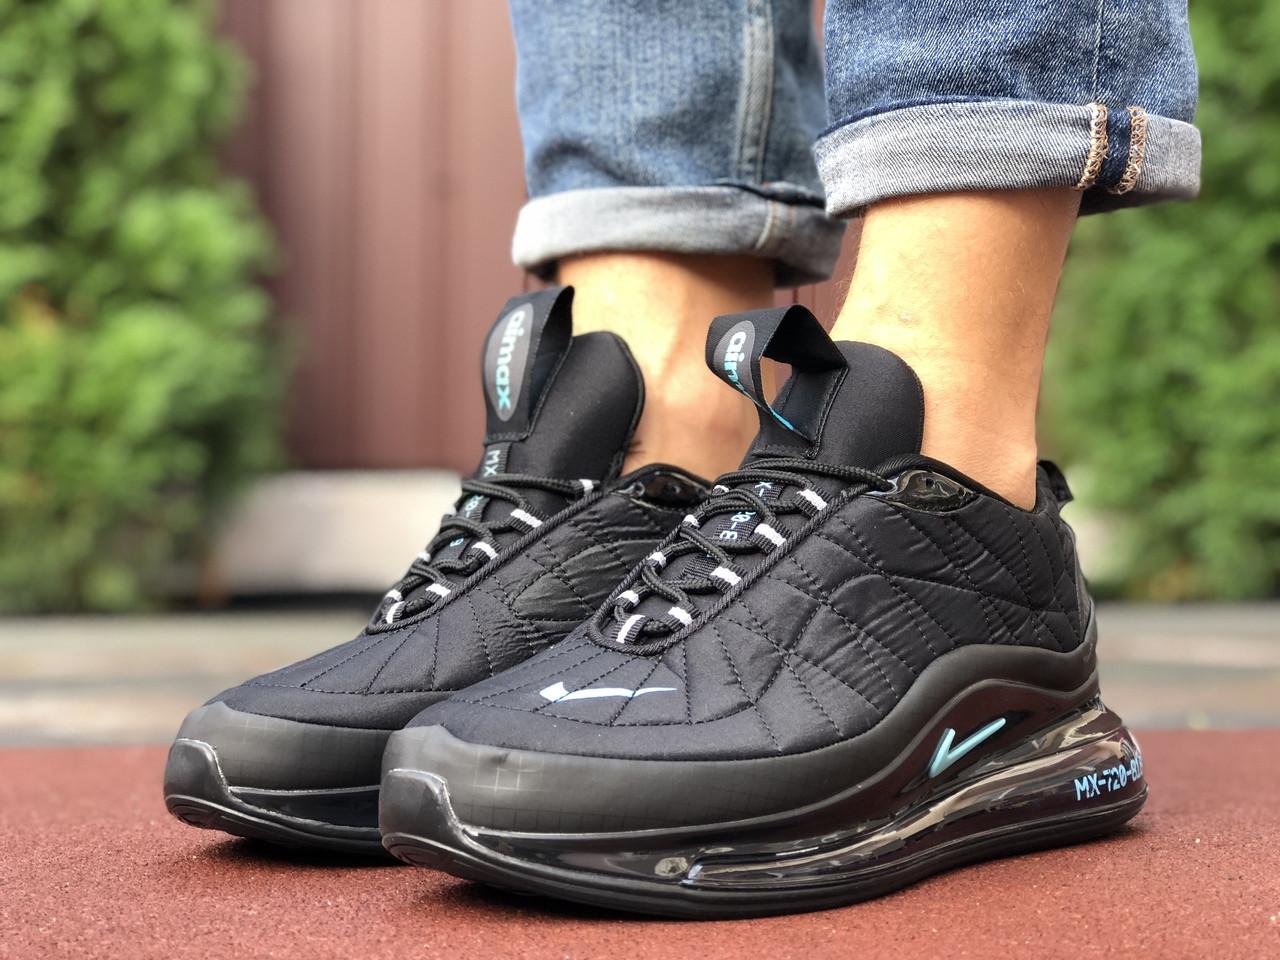 Nike Air Max мужские зимние черные кроссовки на шнурках 42